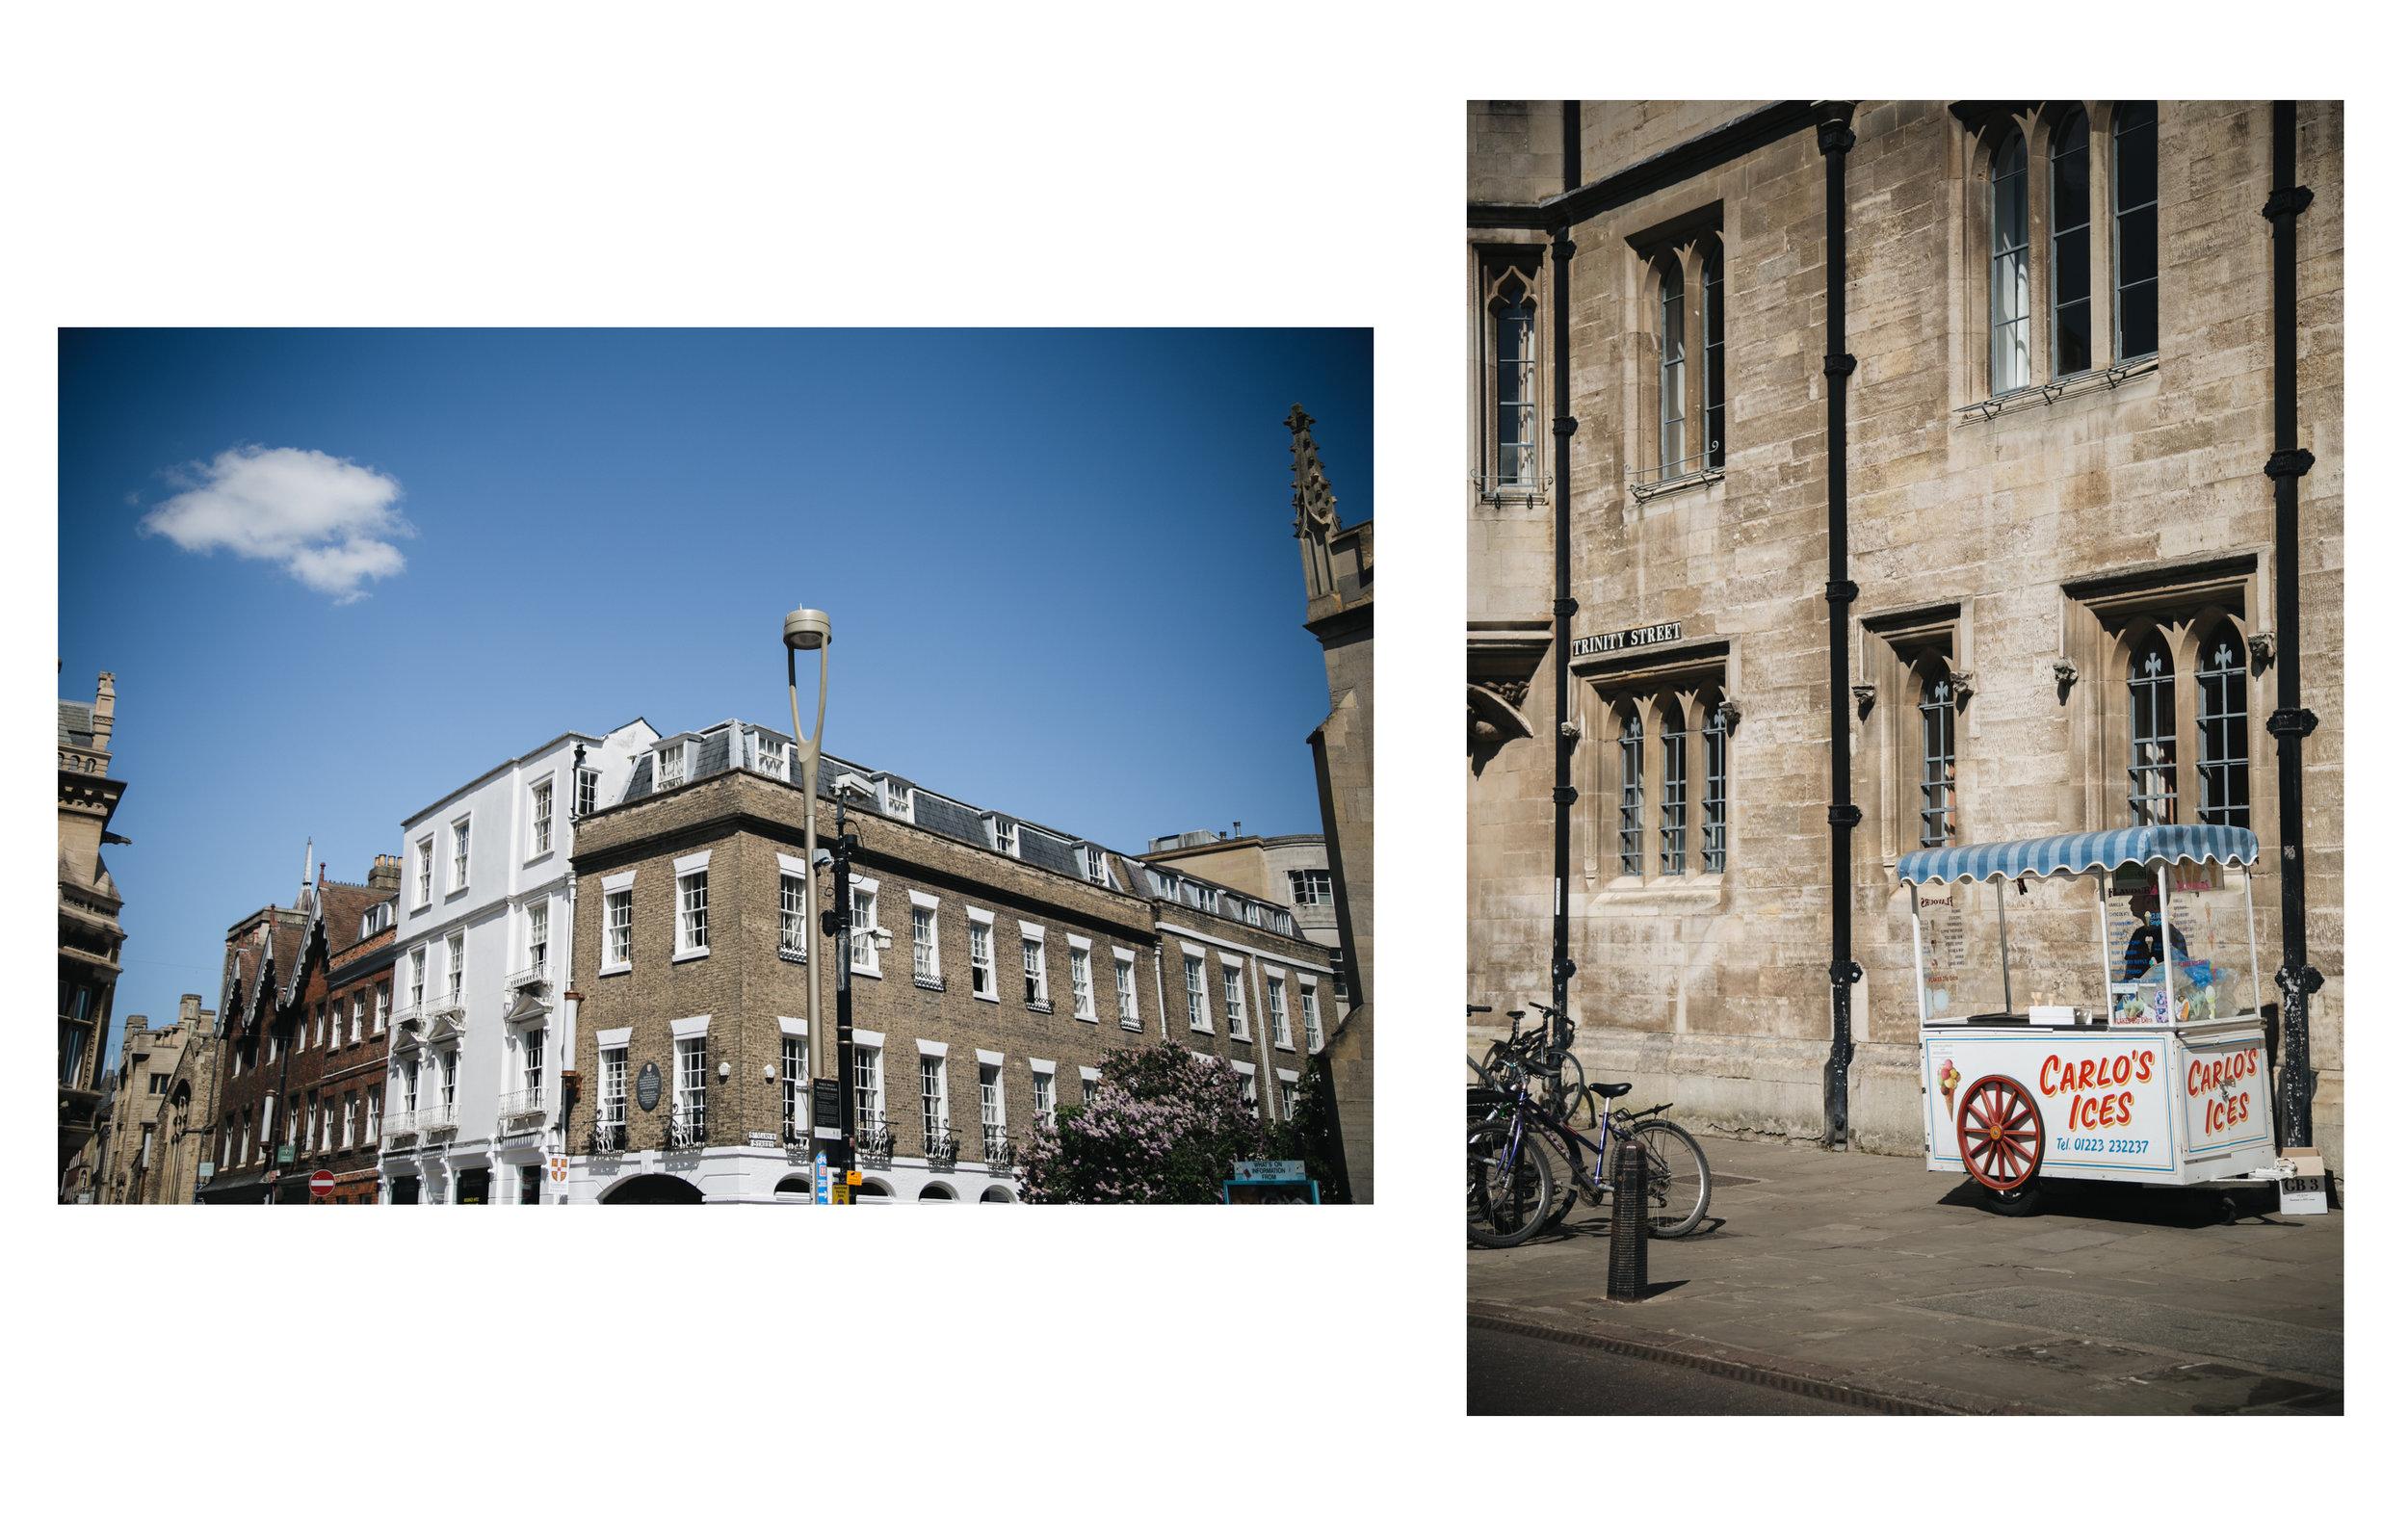 Cambridge-voyage-que-voir-que-faire-blog.jpg